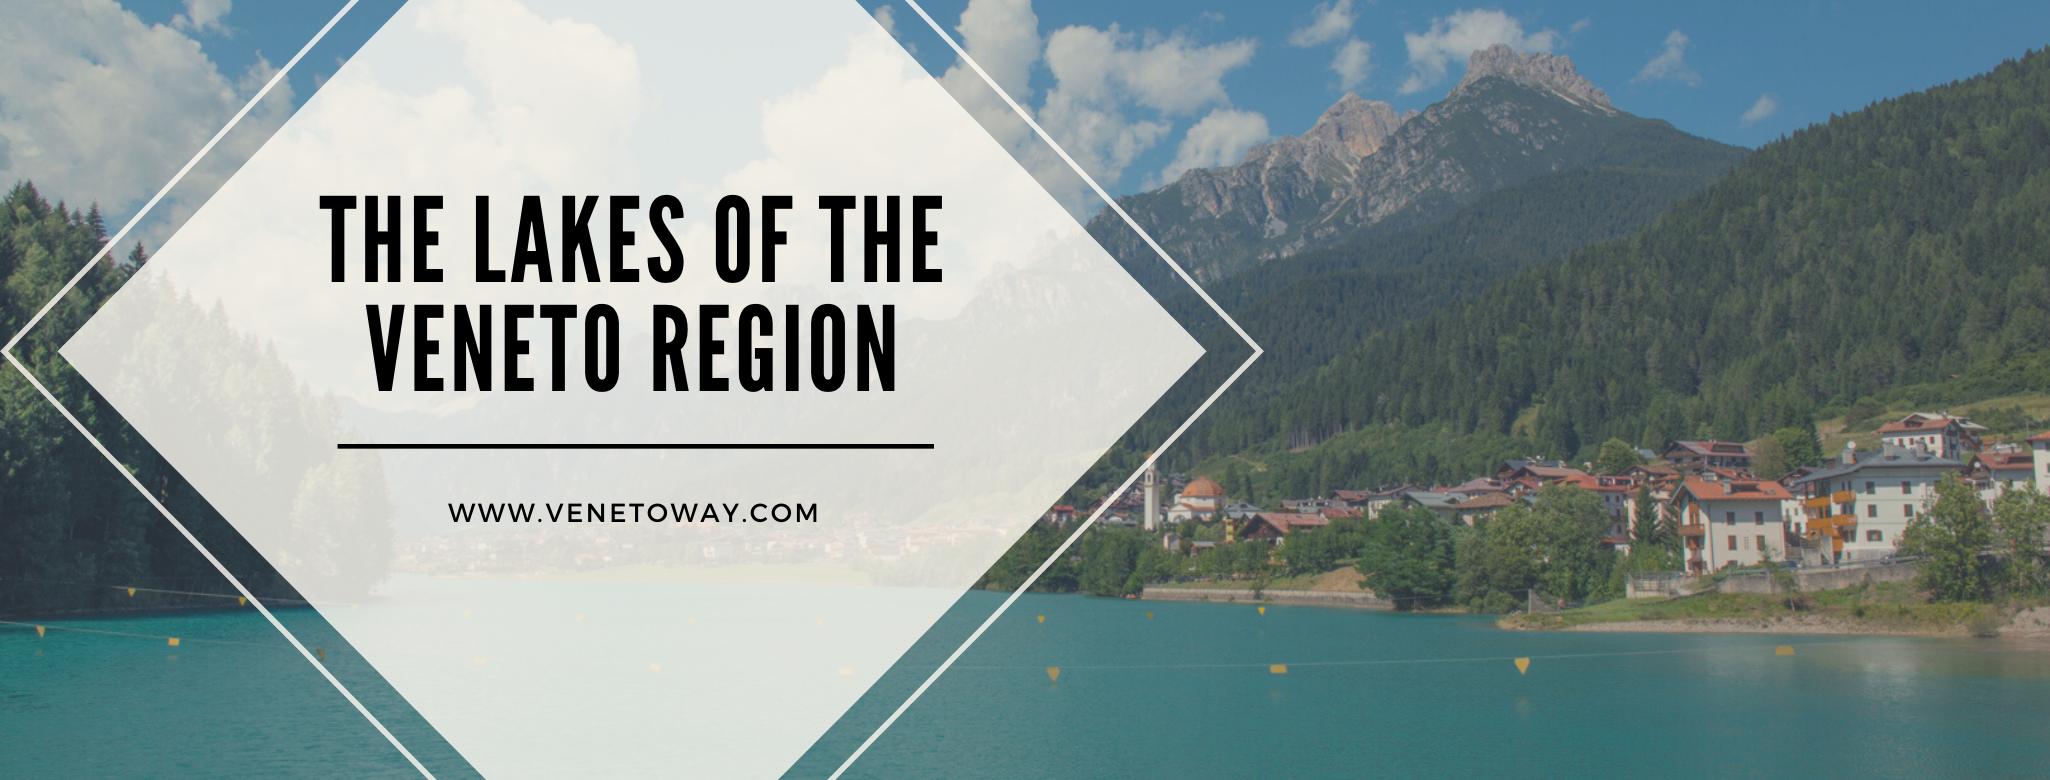 The Lakes of the Veneto Region